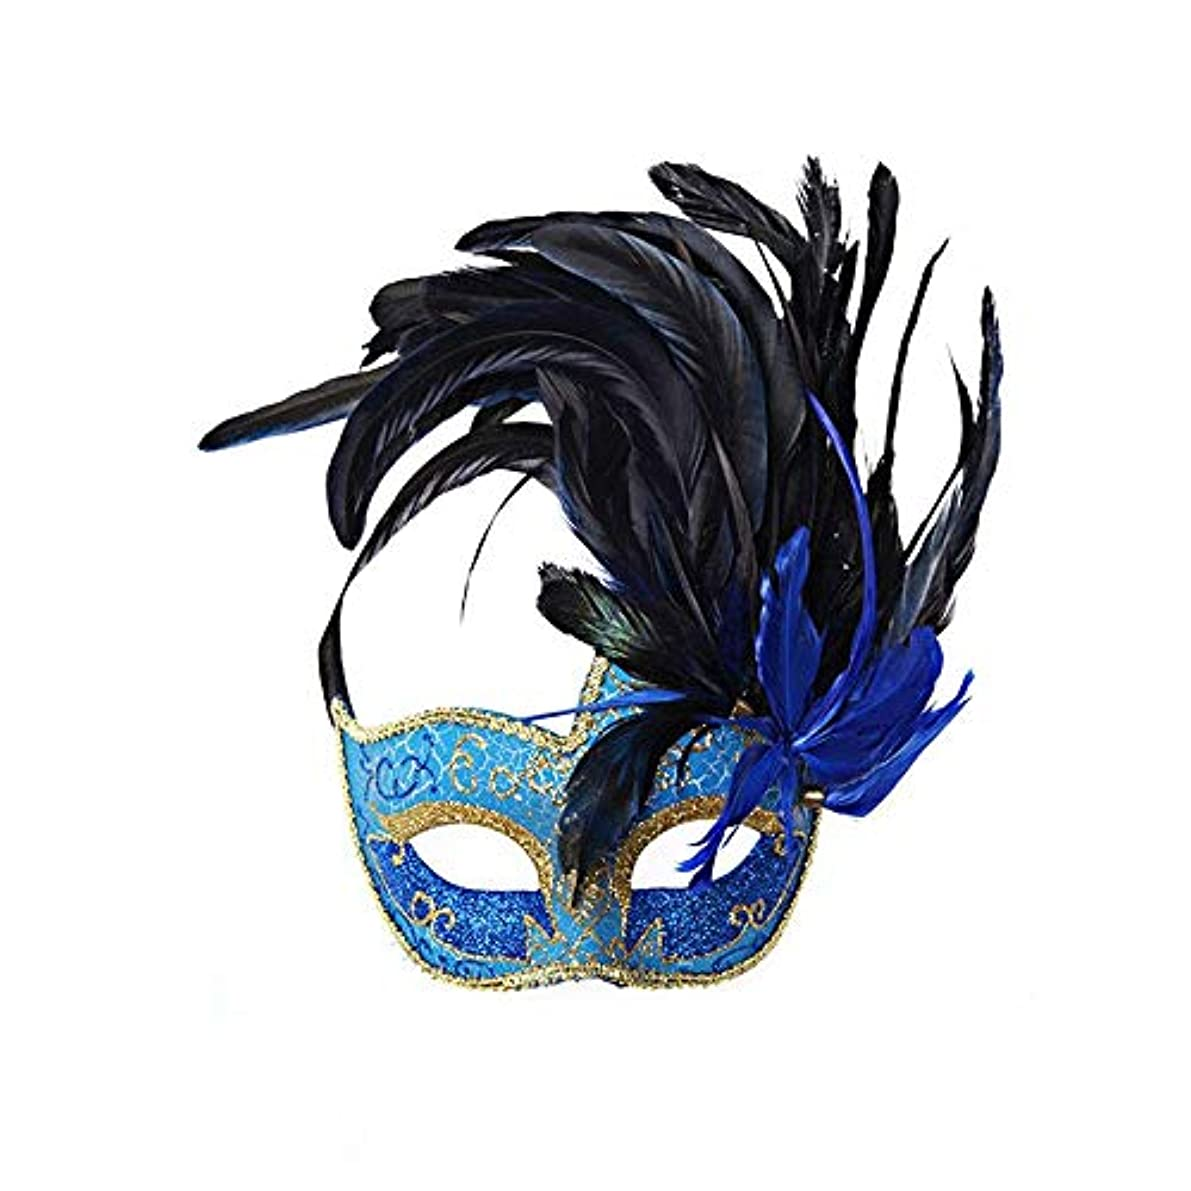 静かに食物隠されたNanle ハロウィンマスクハーフフェザーマスクベニスプリンセスマスク美容レース仮面ライダーコスプレ (色 : Style A blue)